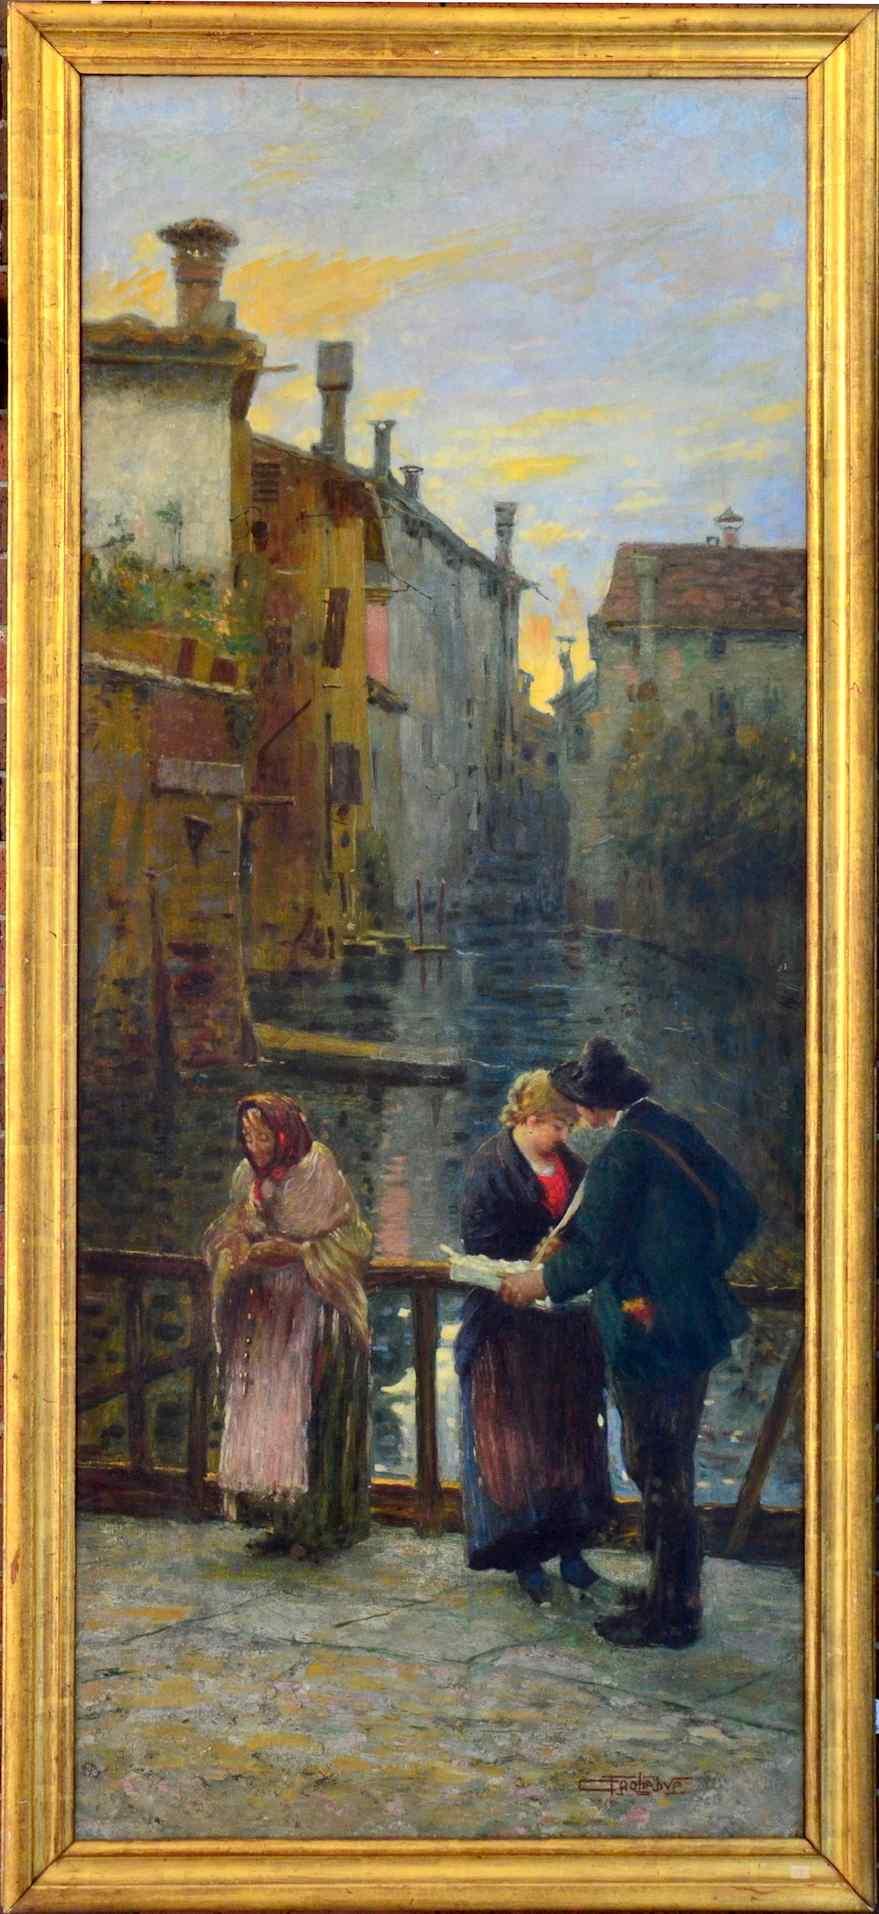 Carlo C. Tagliabue (Milano 1880 - 1960), Veduta dei Navigli